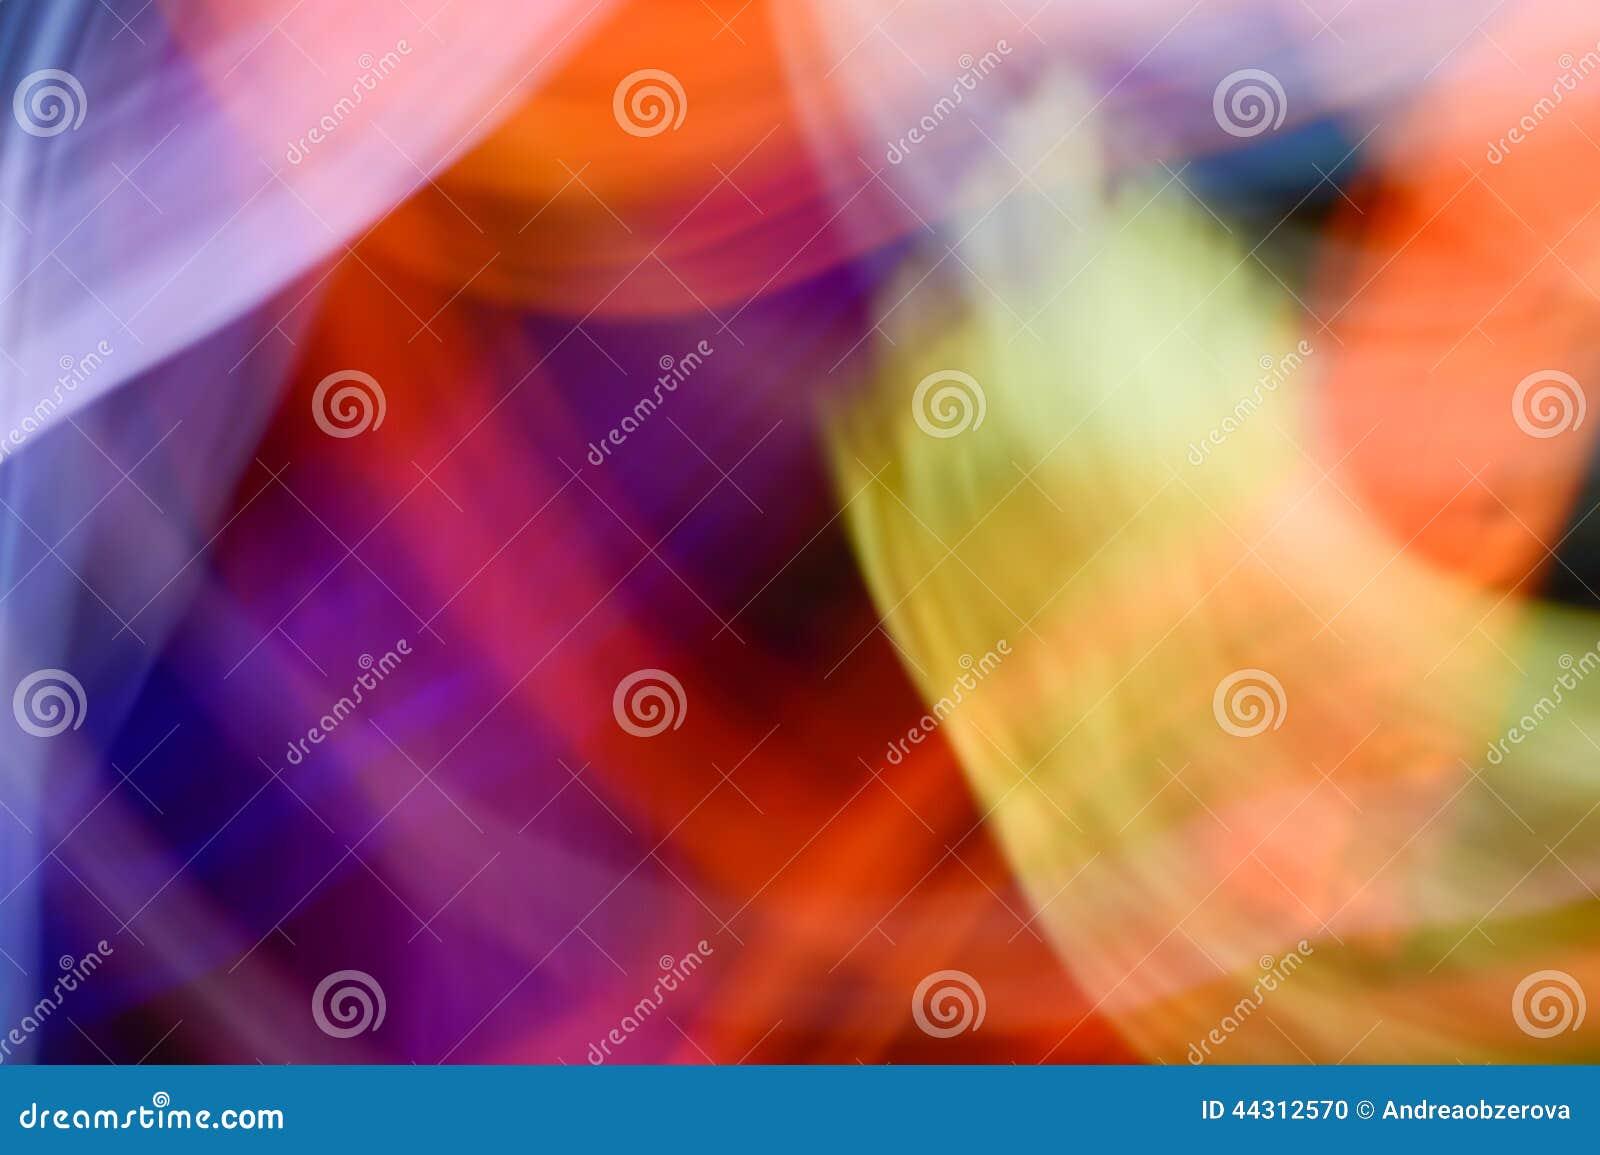 Bakgrund för ljusa effekter, abstrakt ljus bakgrund, ljusa läckor,